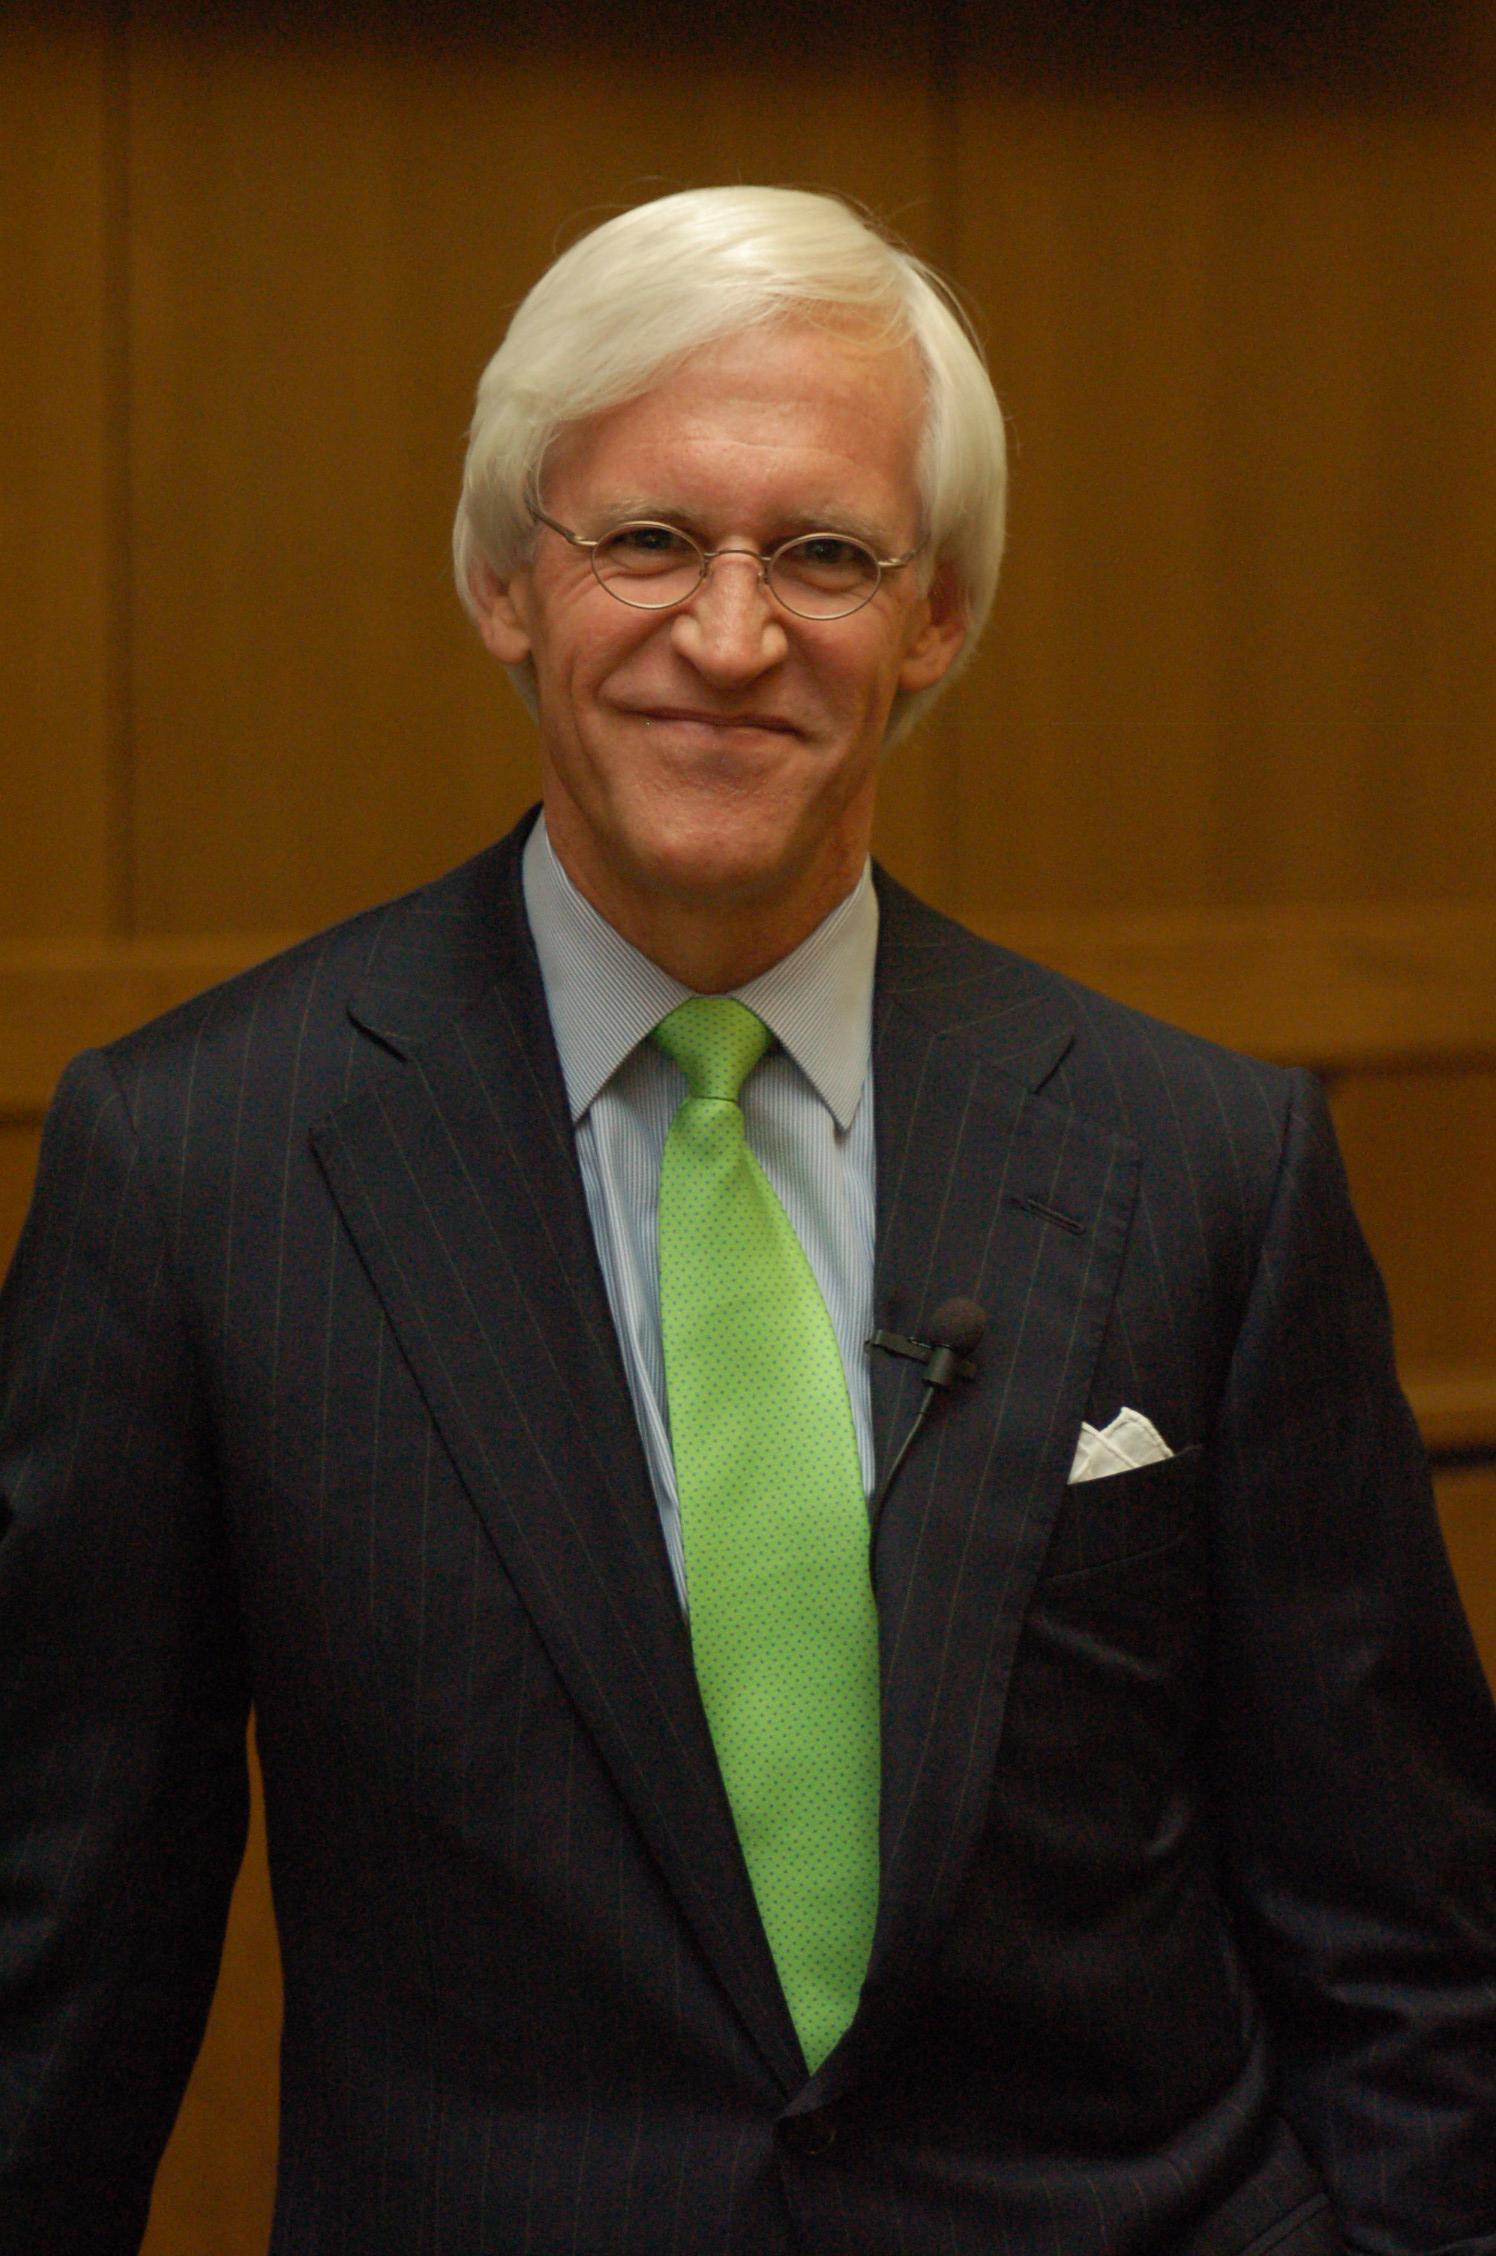 Robert M. Edsel